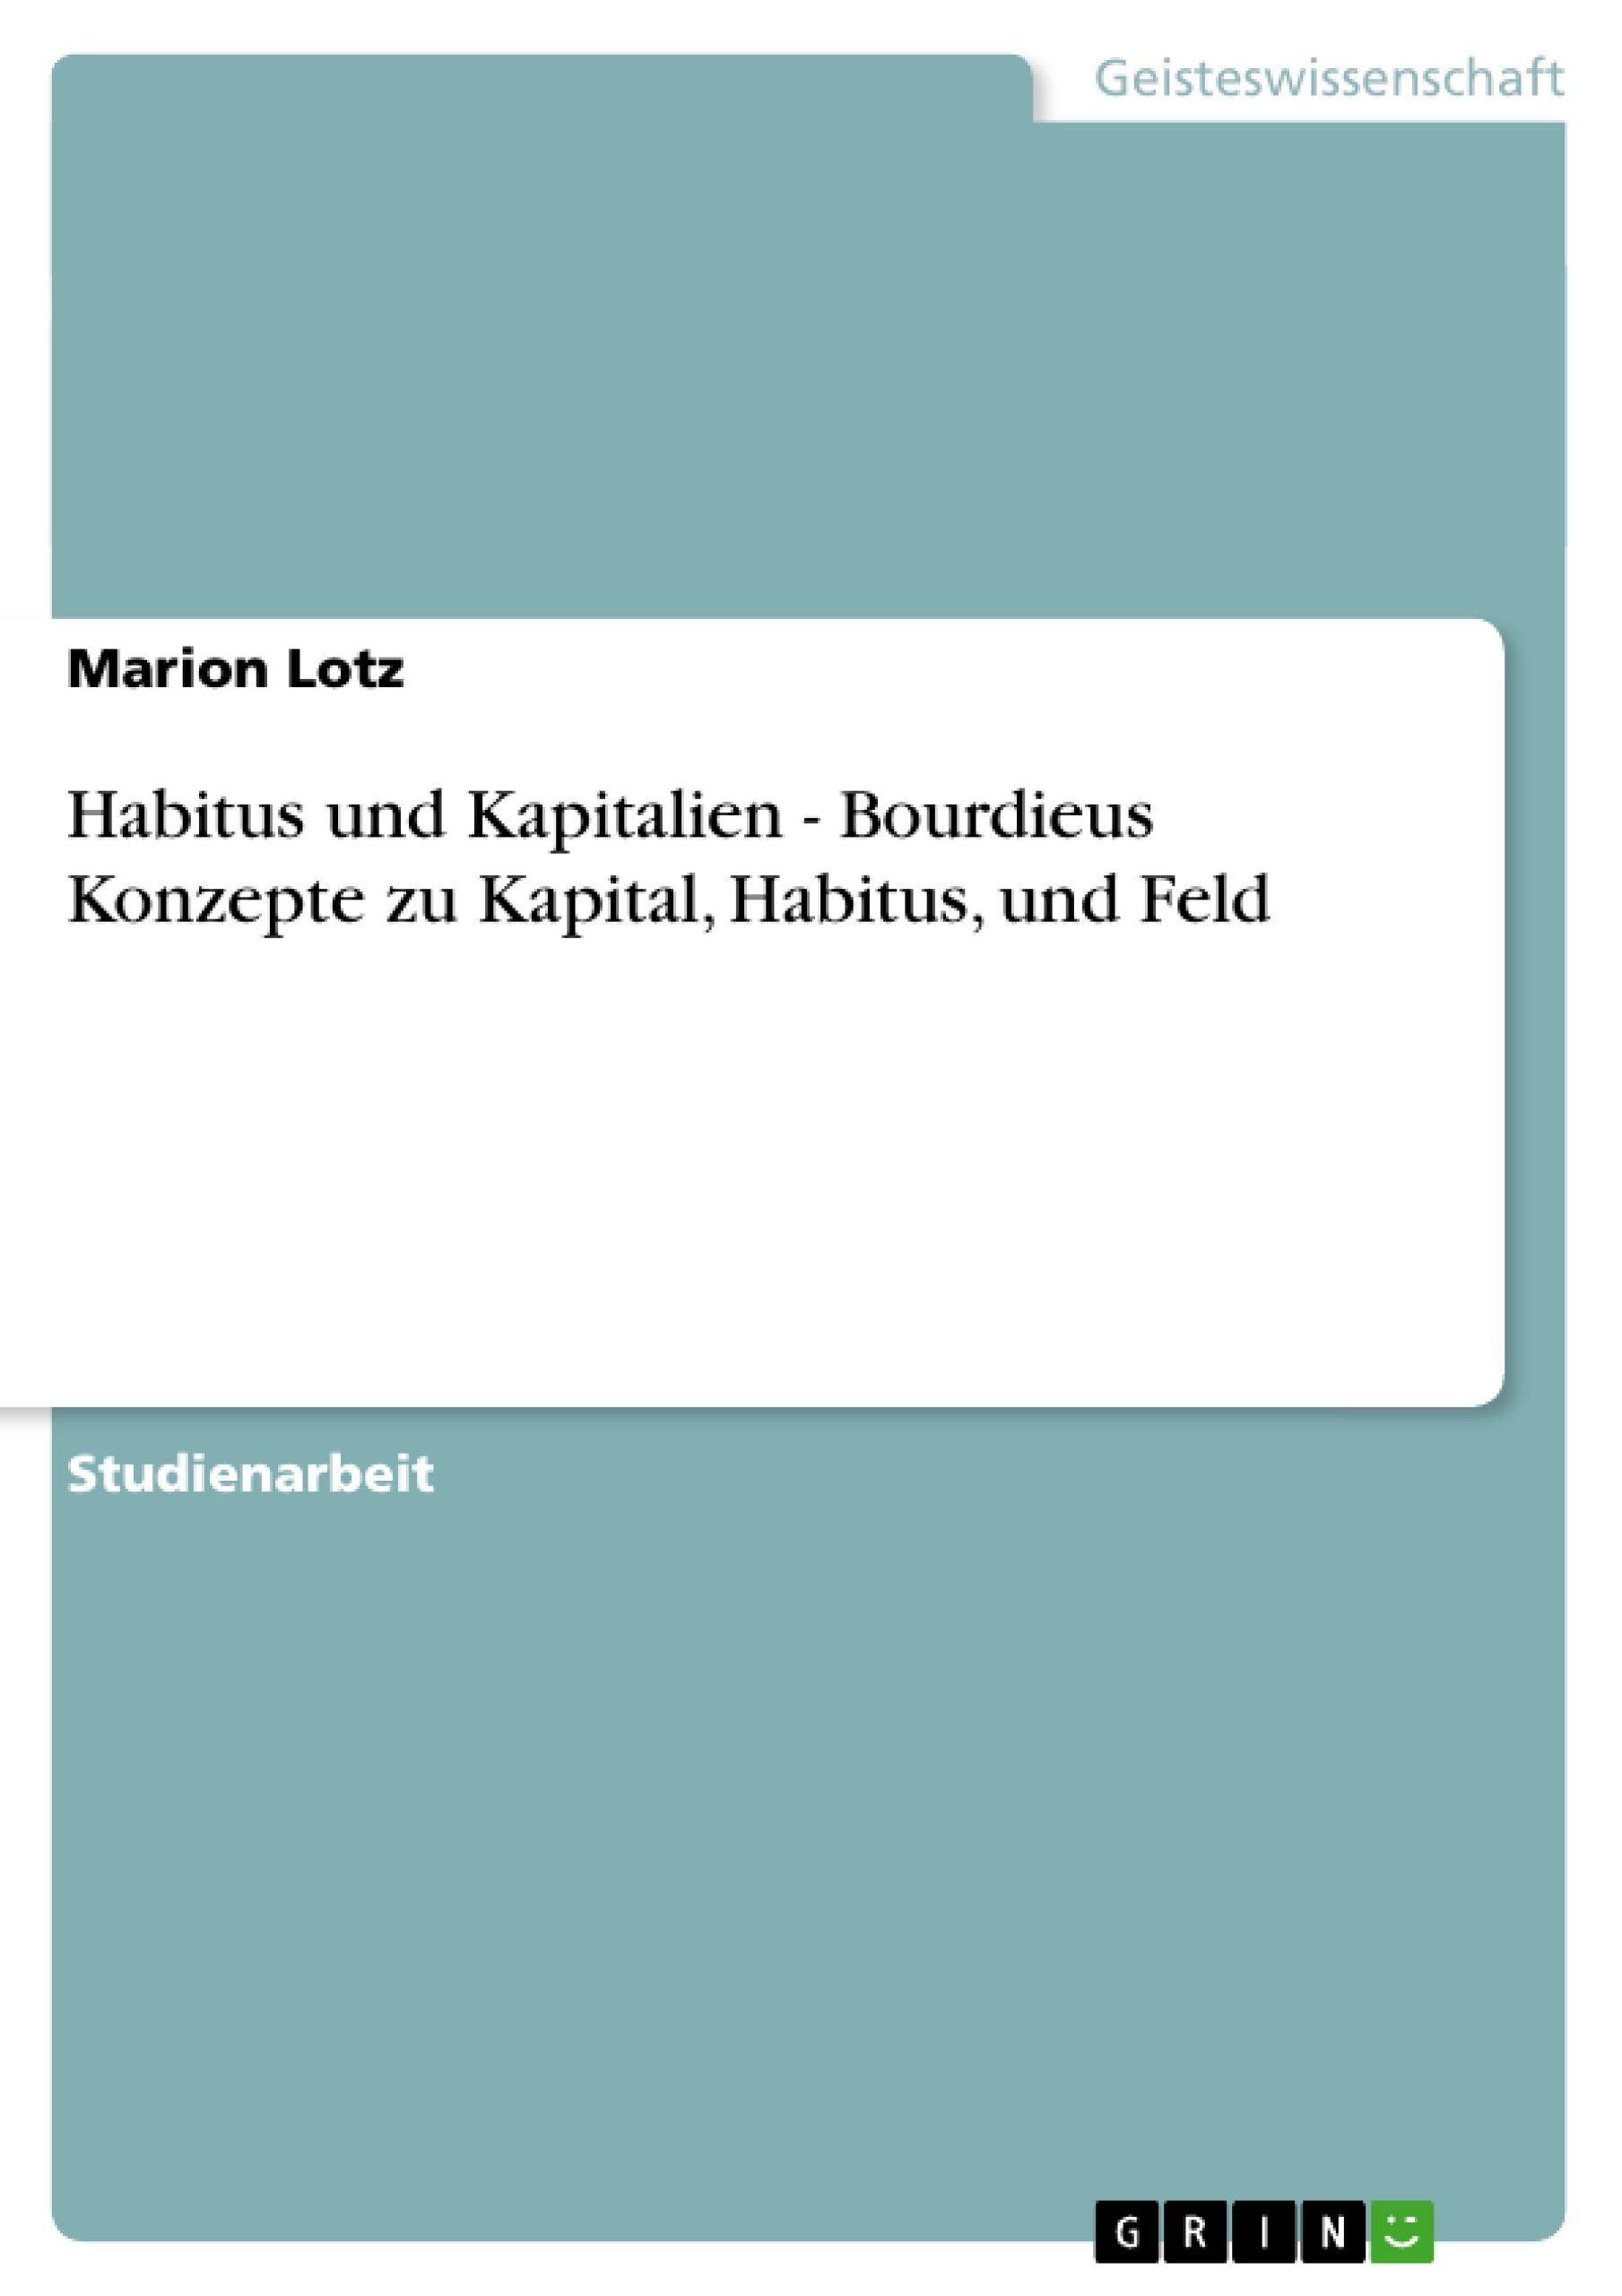 Titel: Habitus und Kapitalien - Bourdieus Konzepte zu Kapital, Habitus, und Feld